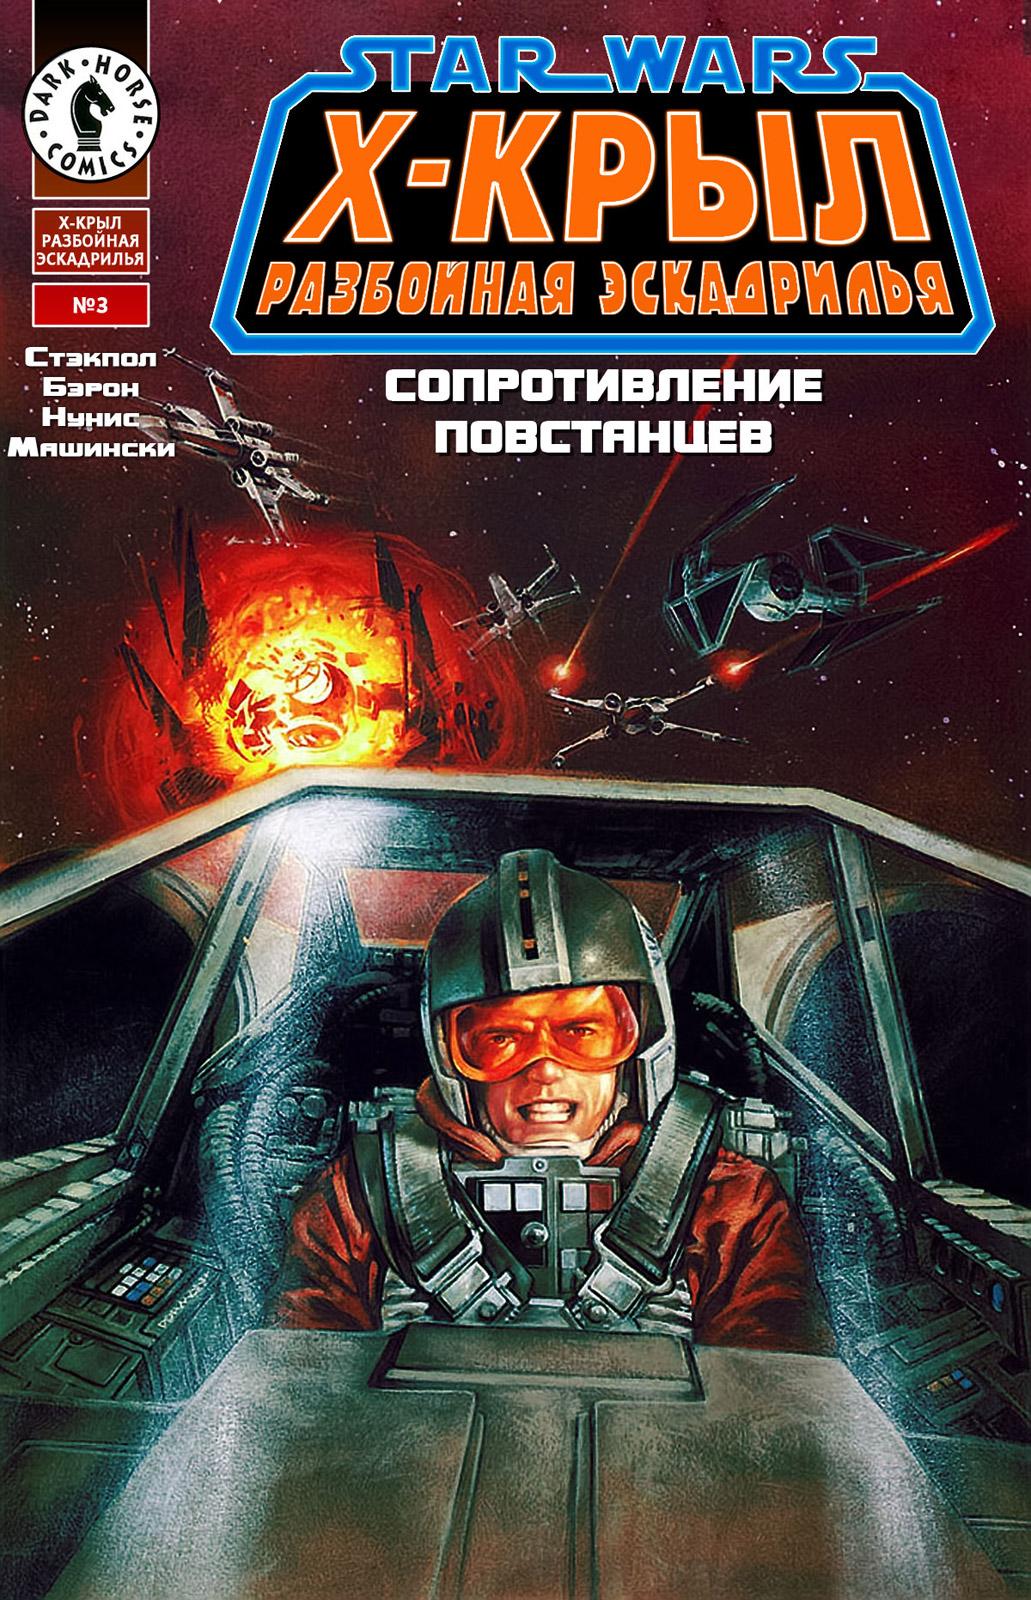 X-wing. Разбойная эскадрилья 3: Сопротивление повстанцев, часть 3